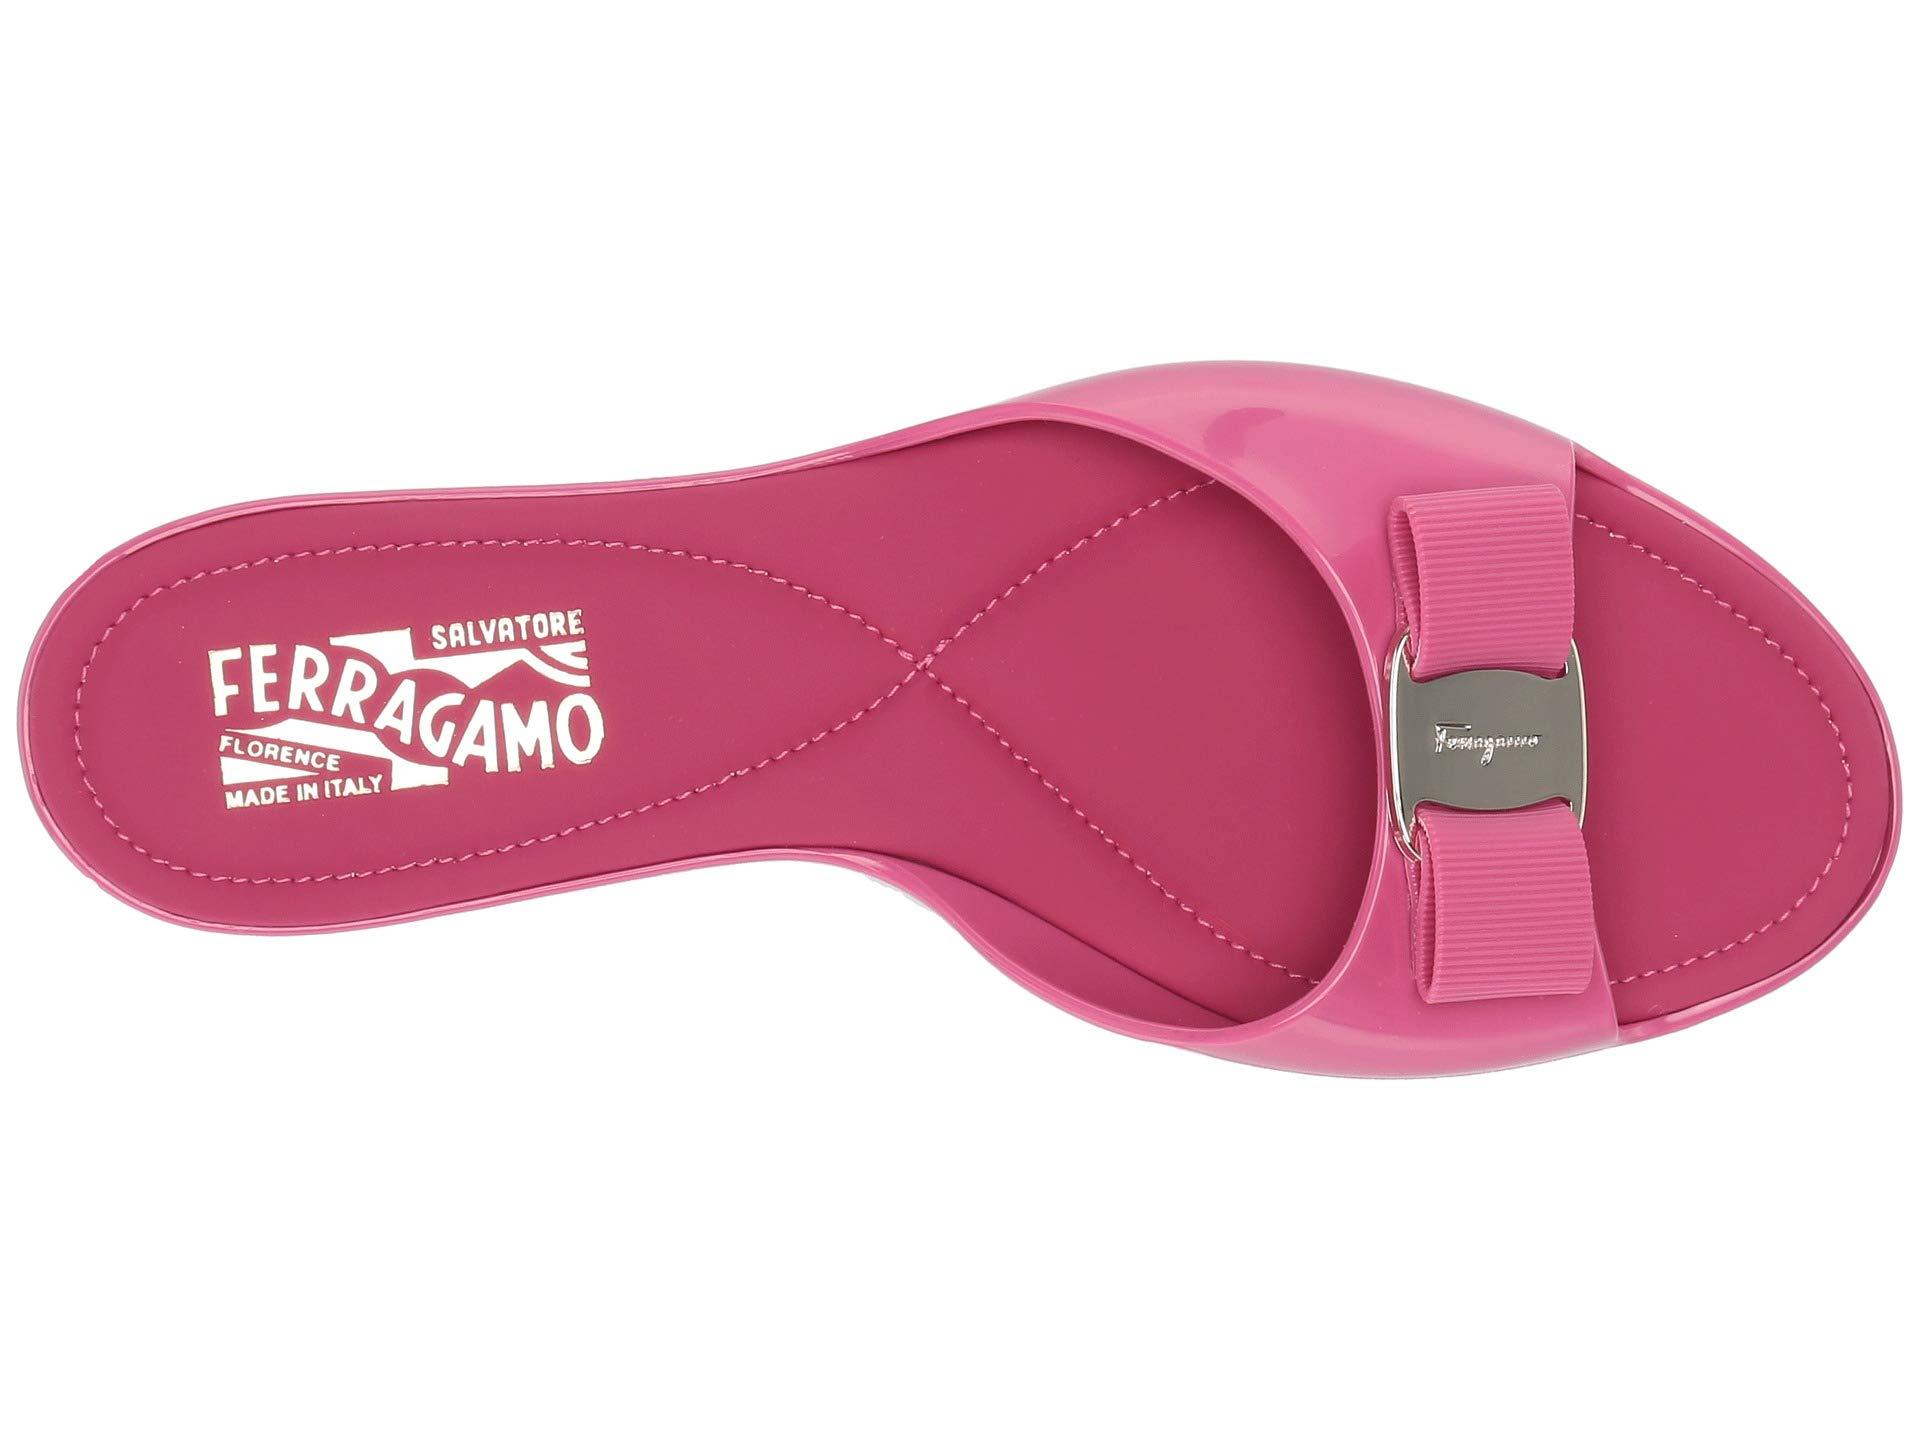 33cbca5387f3 Salvatore Ferragamo Cirella Slider Sandal at Luxury.Zappos.com